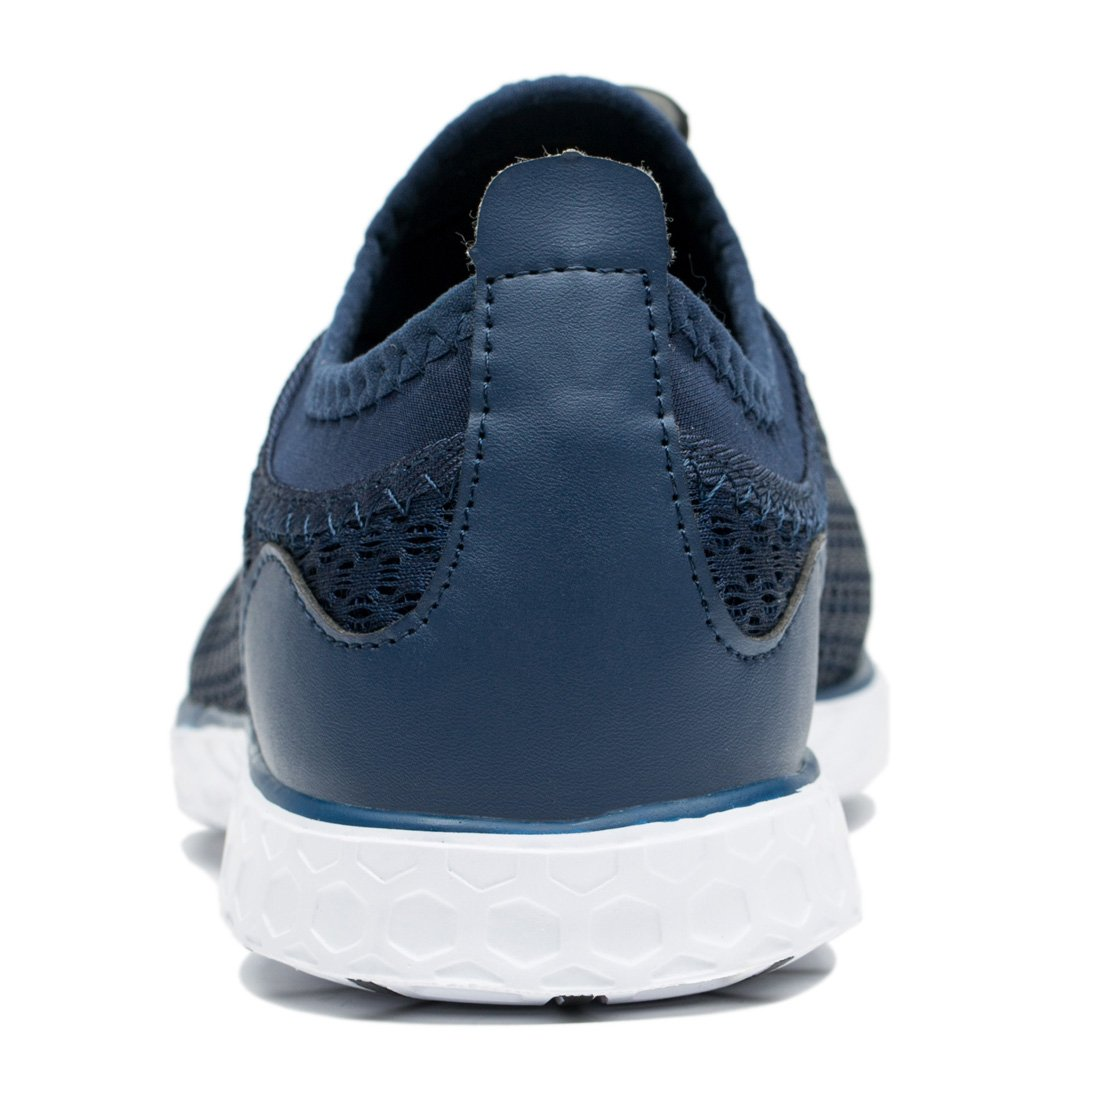 TIANYUQI Men's Mesh Slip On Water Shoes by TIANYUQI (Image #3)